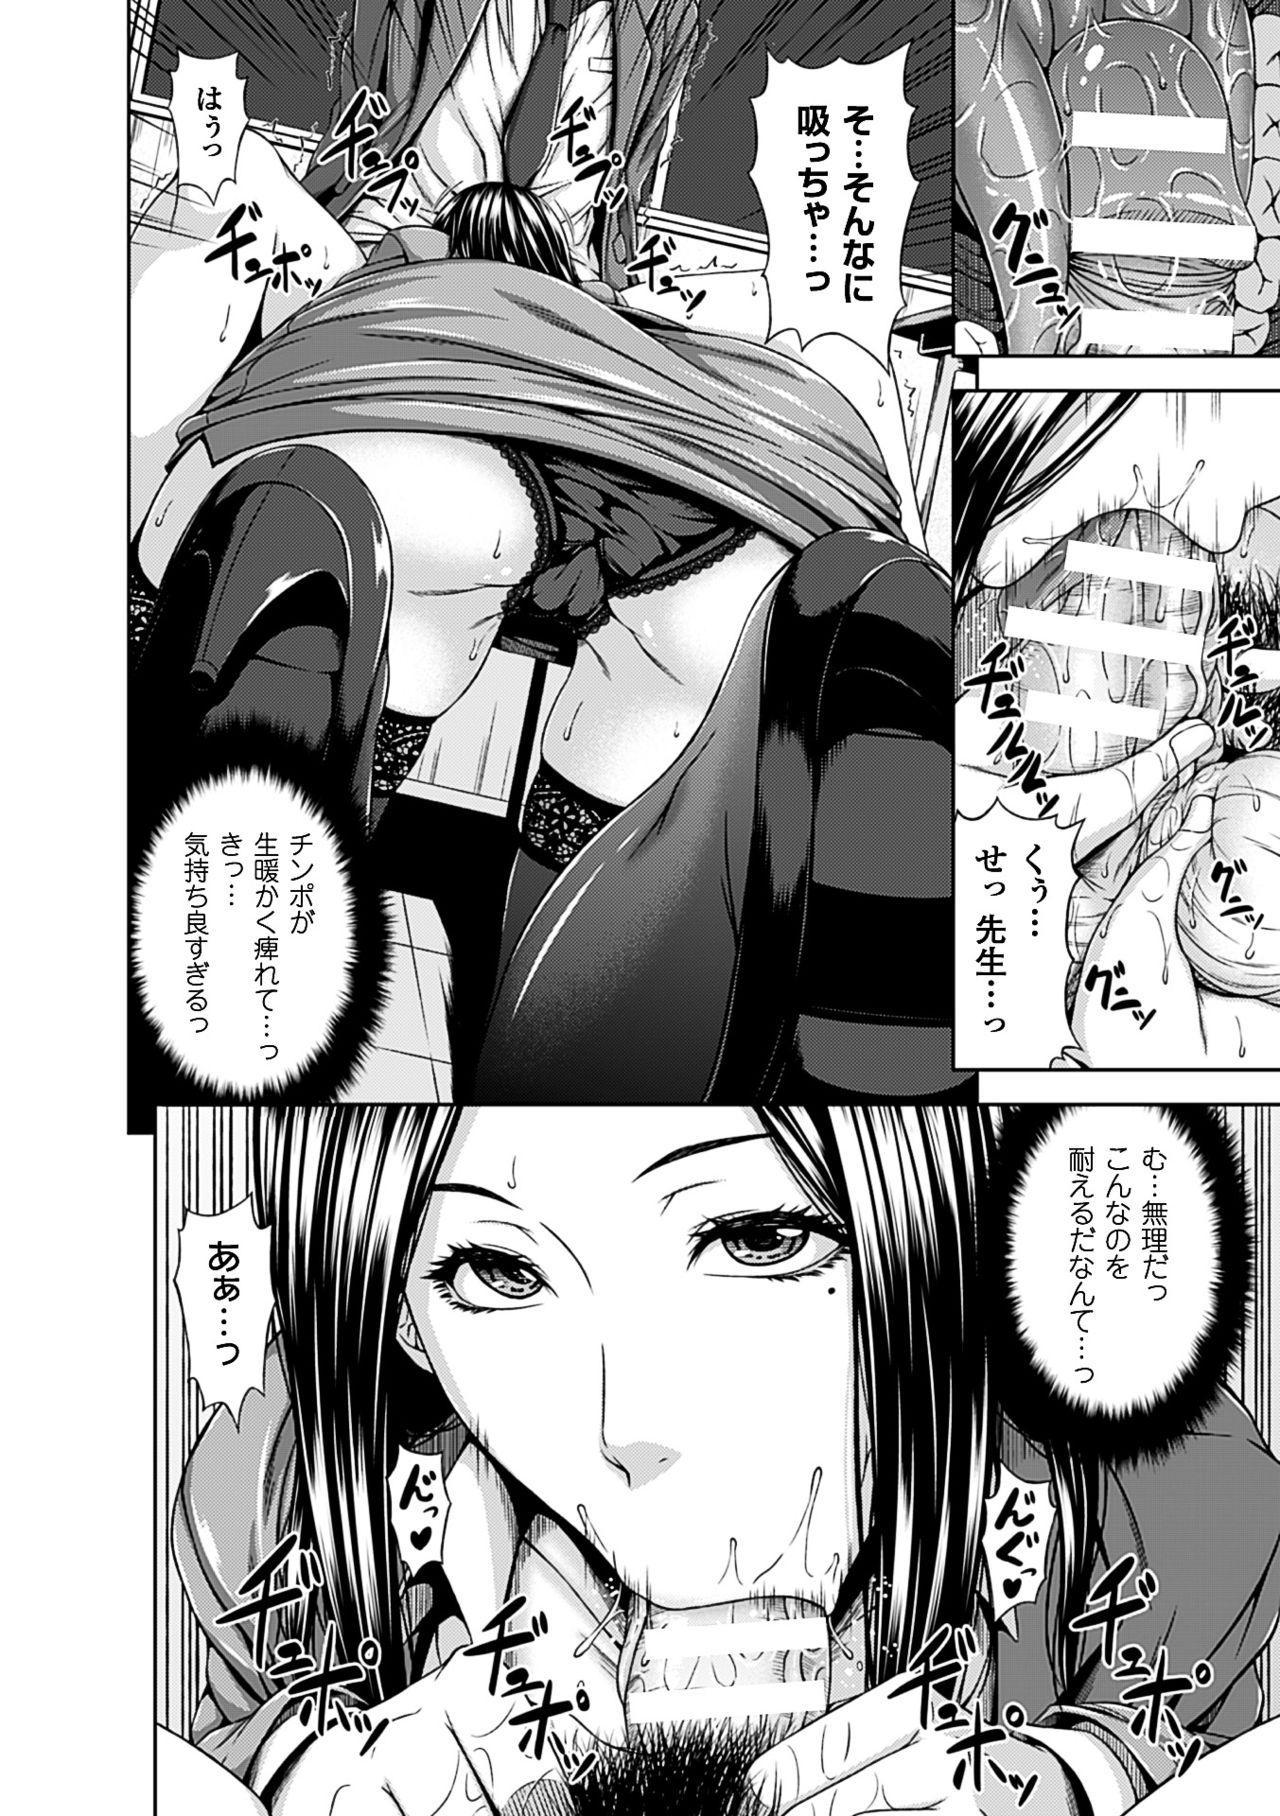 Mesu Hana ga Ochiru Toki - Maidenly Bloom Fallen 81